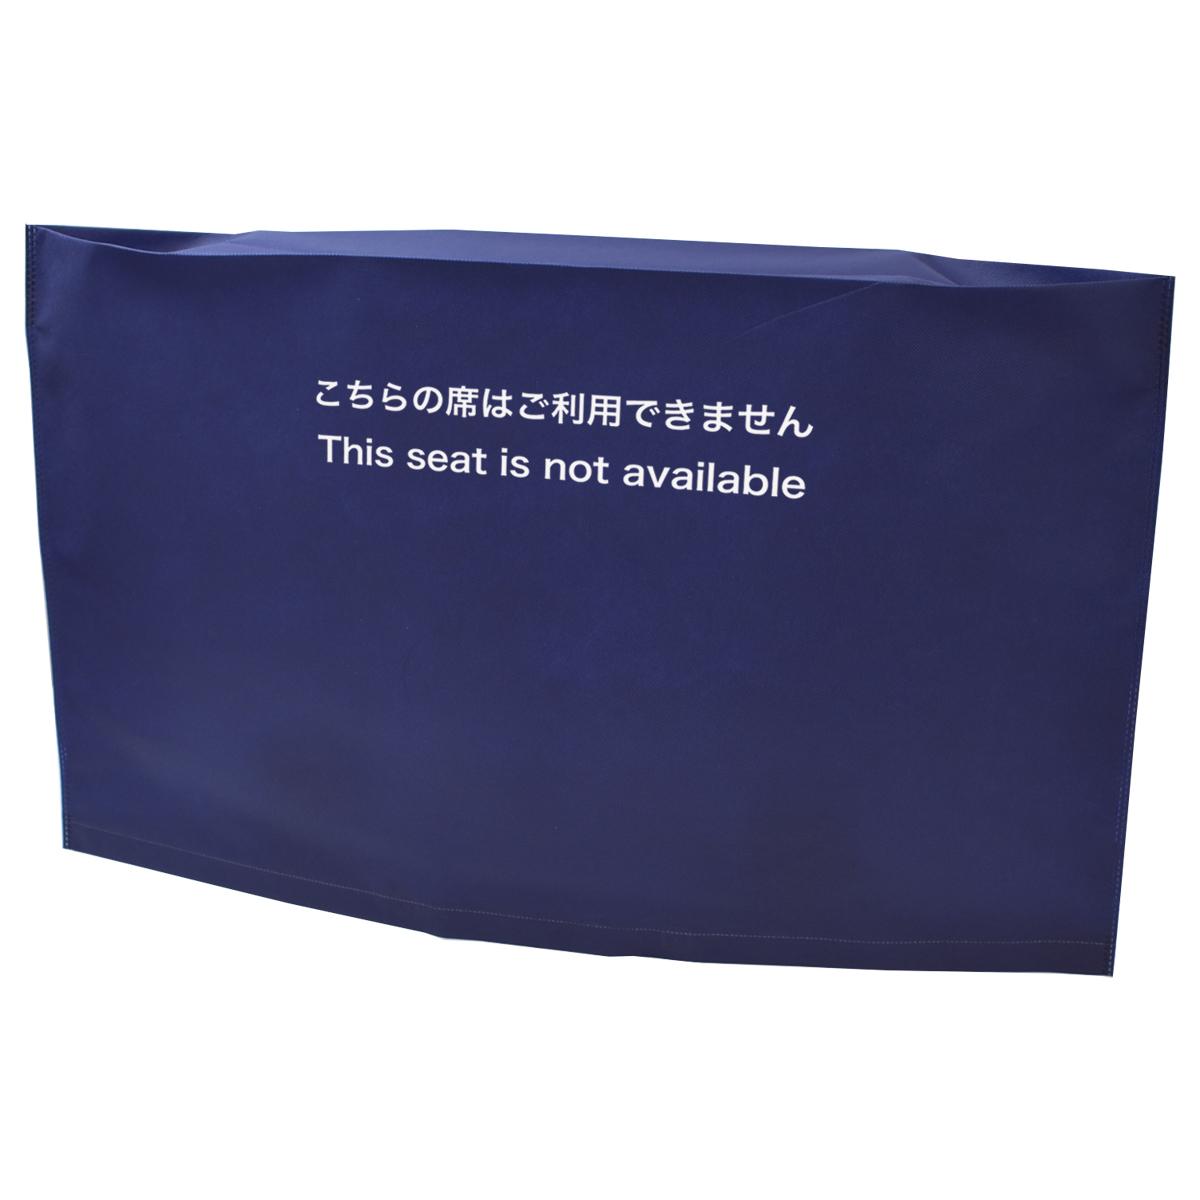 不織布製椅子カバー / 角型 小 紺